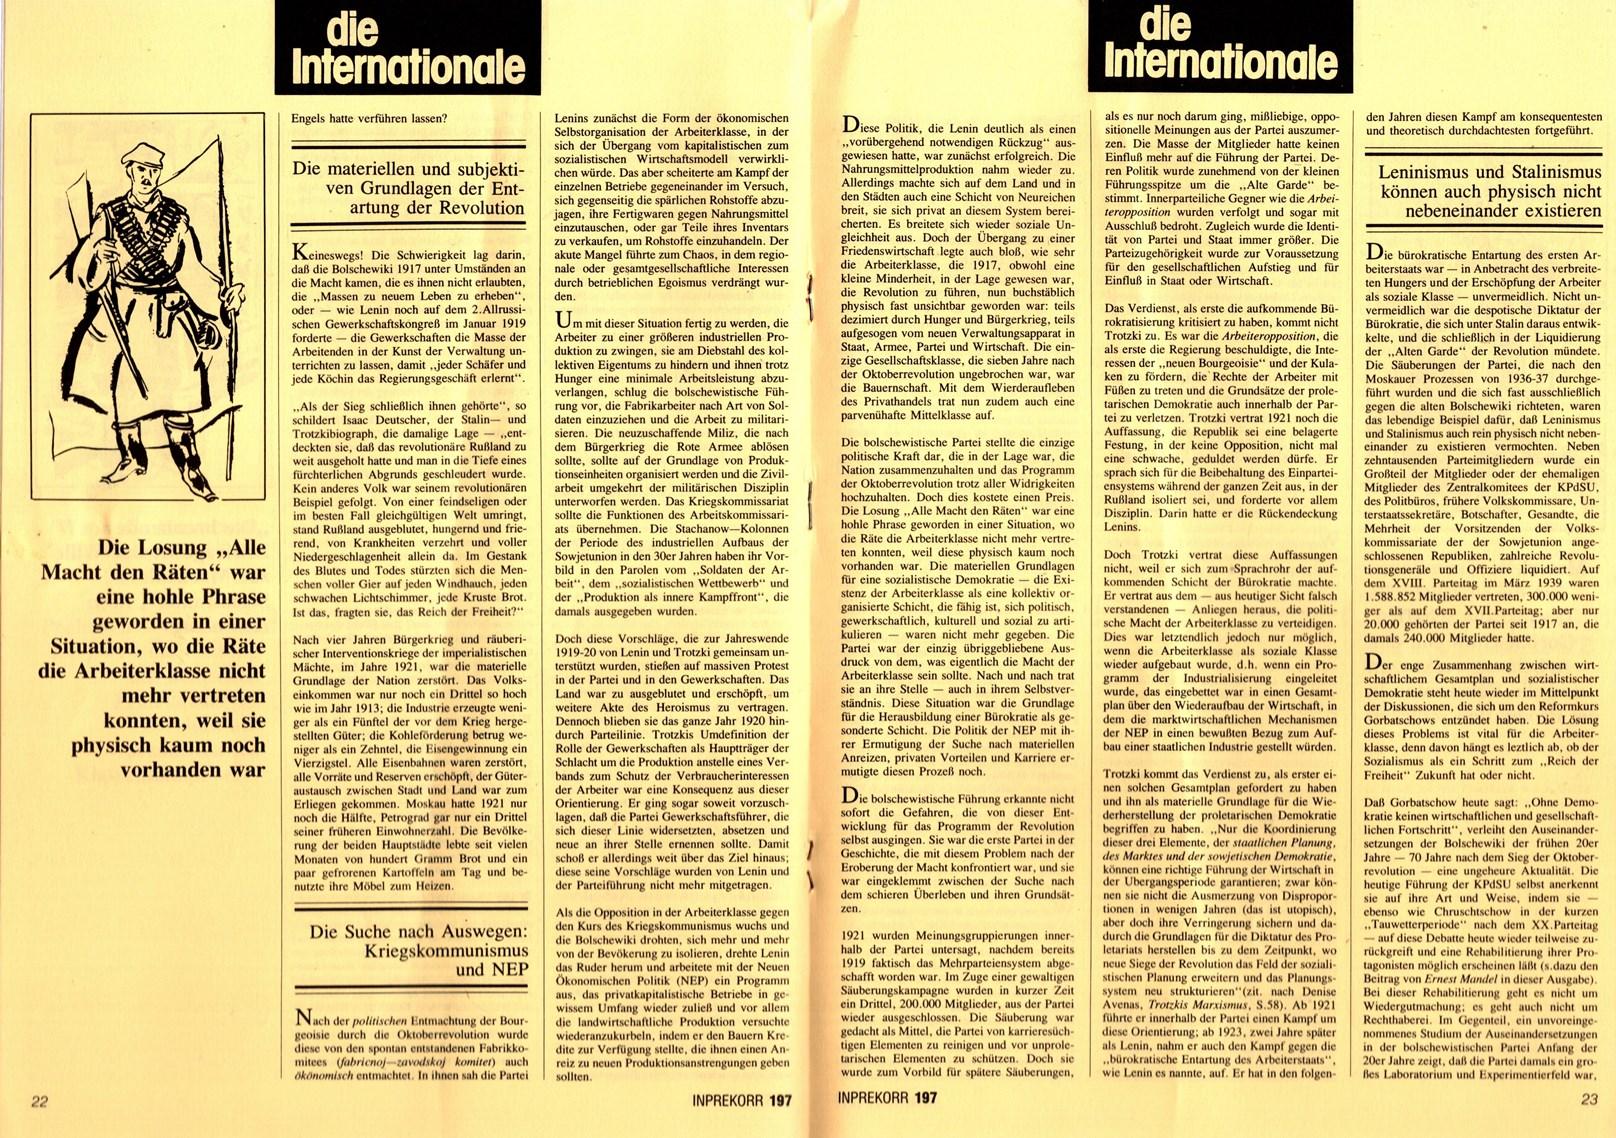 Inprekorr_19871100_197_012